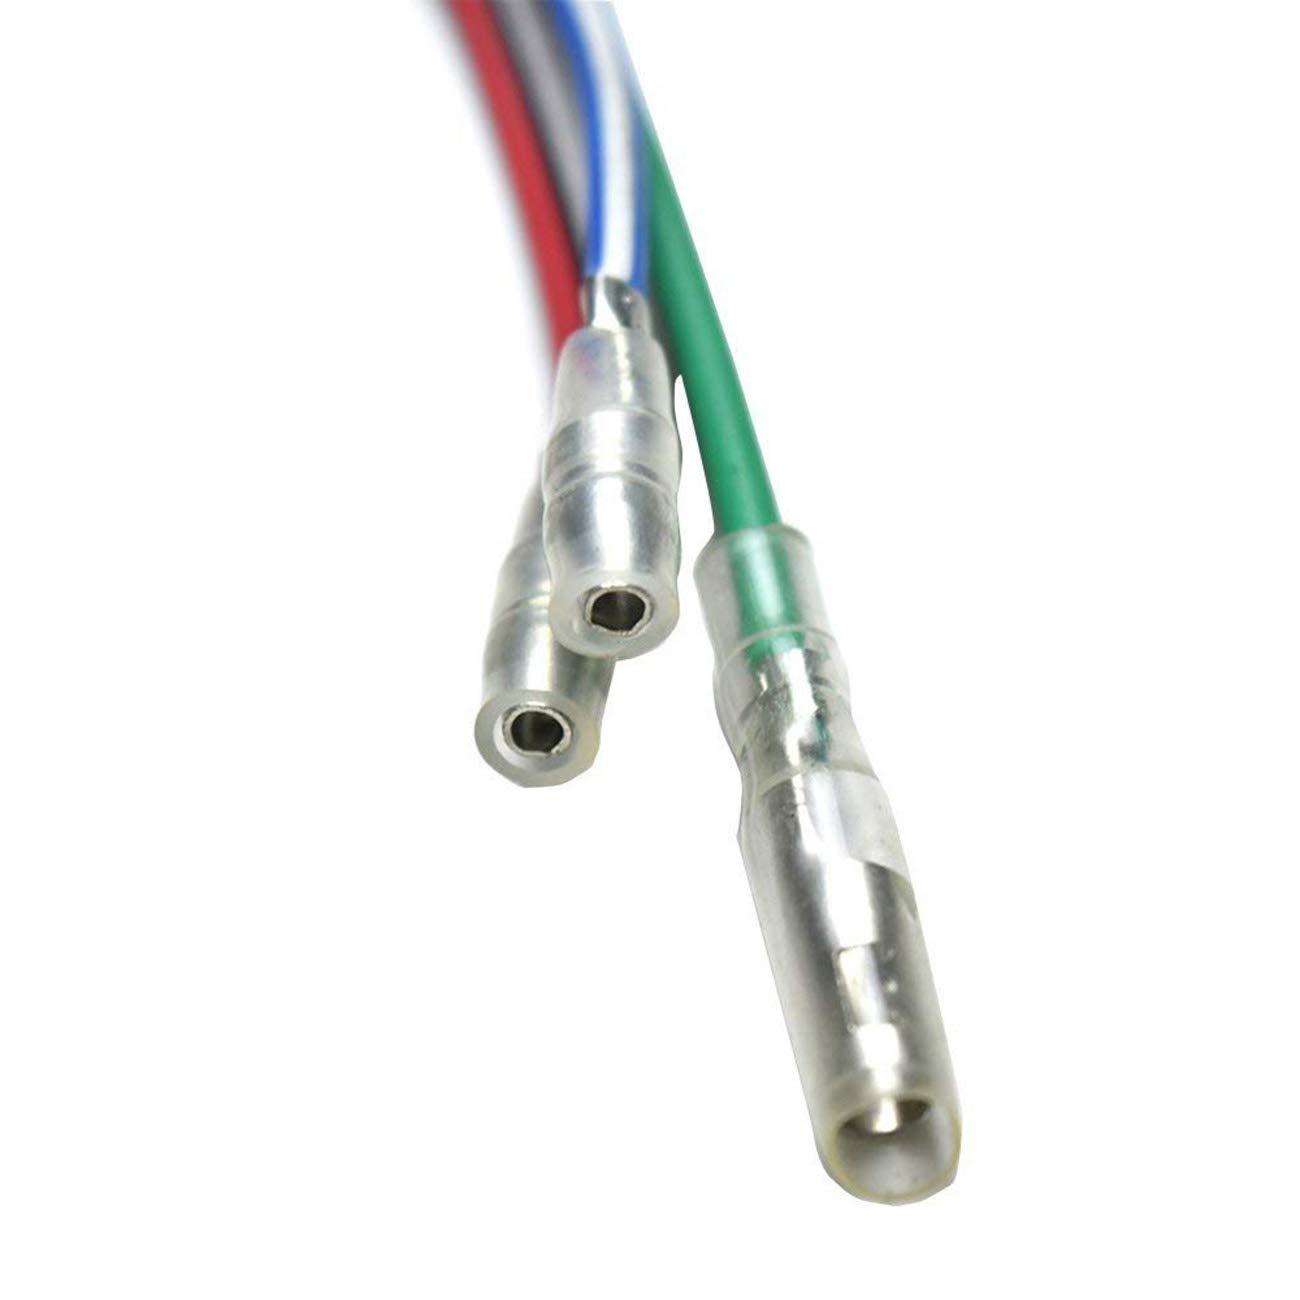 Jcmoto Wire Harness For Kick Start Dirt Pit Bike 49 Wiring Loom Kill Switch 50cc 110cc 125 140 150 160cc 125cc Automotive